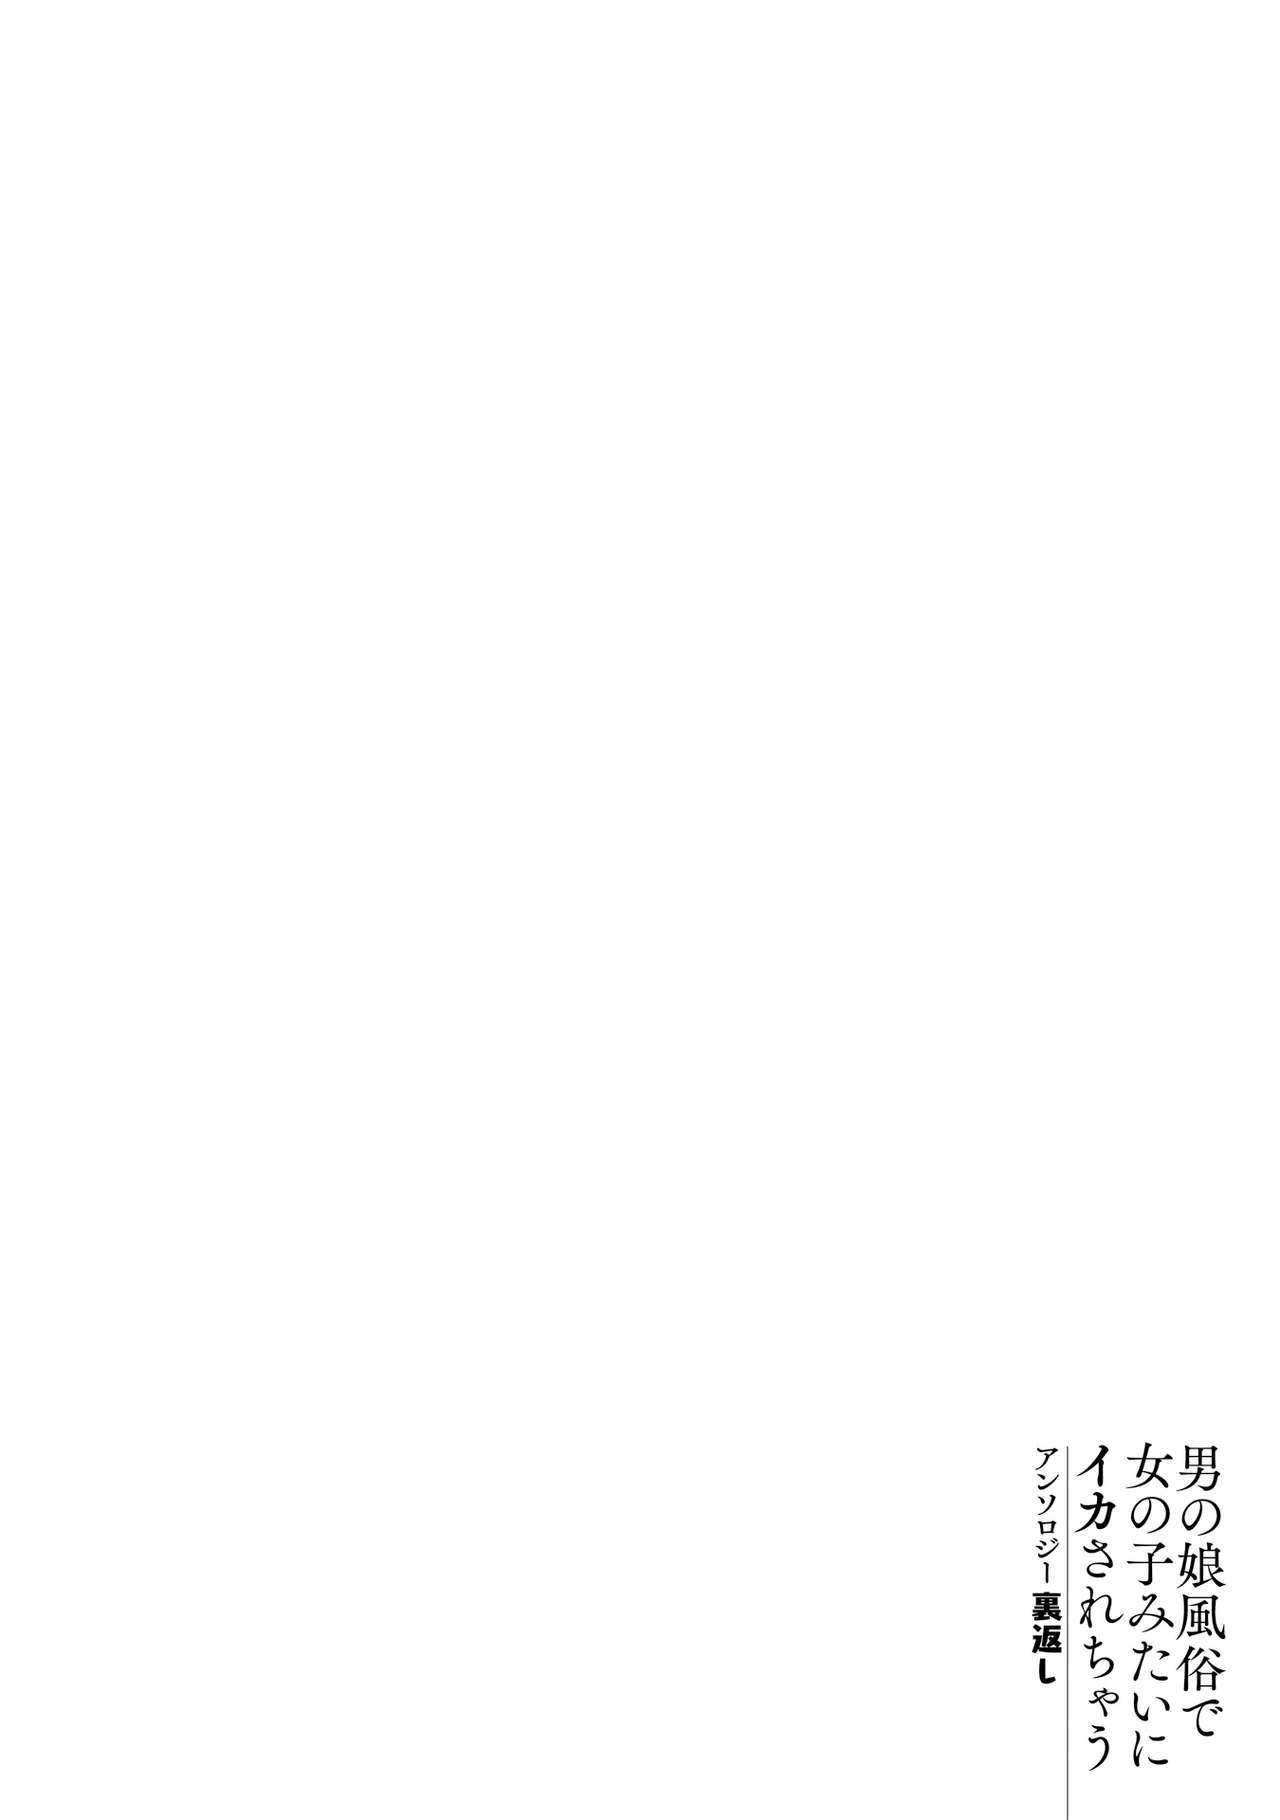 Otokonoko Fuuzoku de Onnanoko Mitai ni Ikasarechau Anthology 2 uragaeshi 113